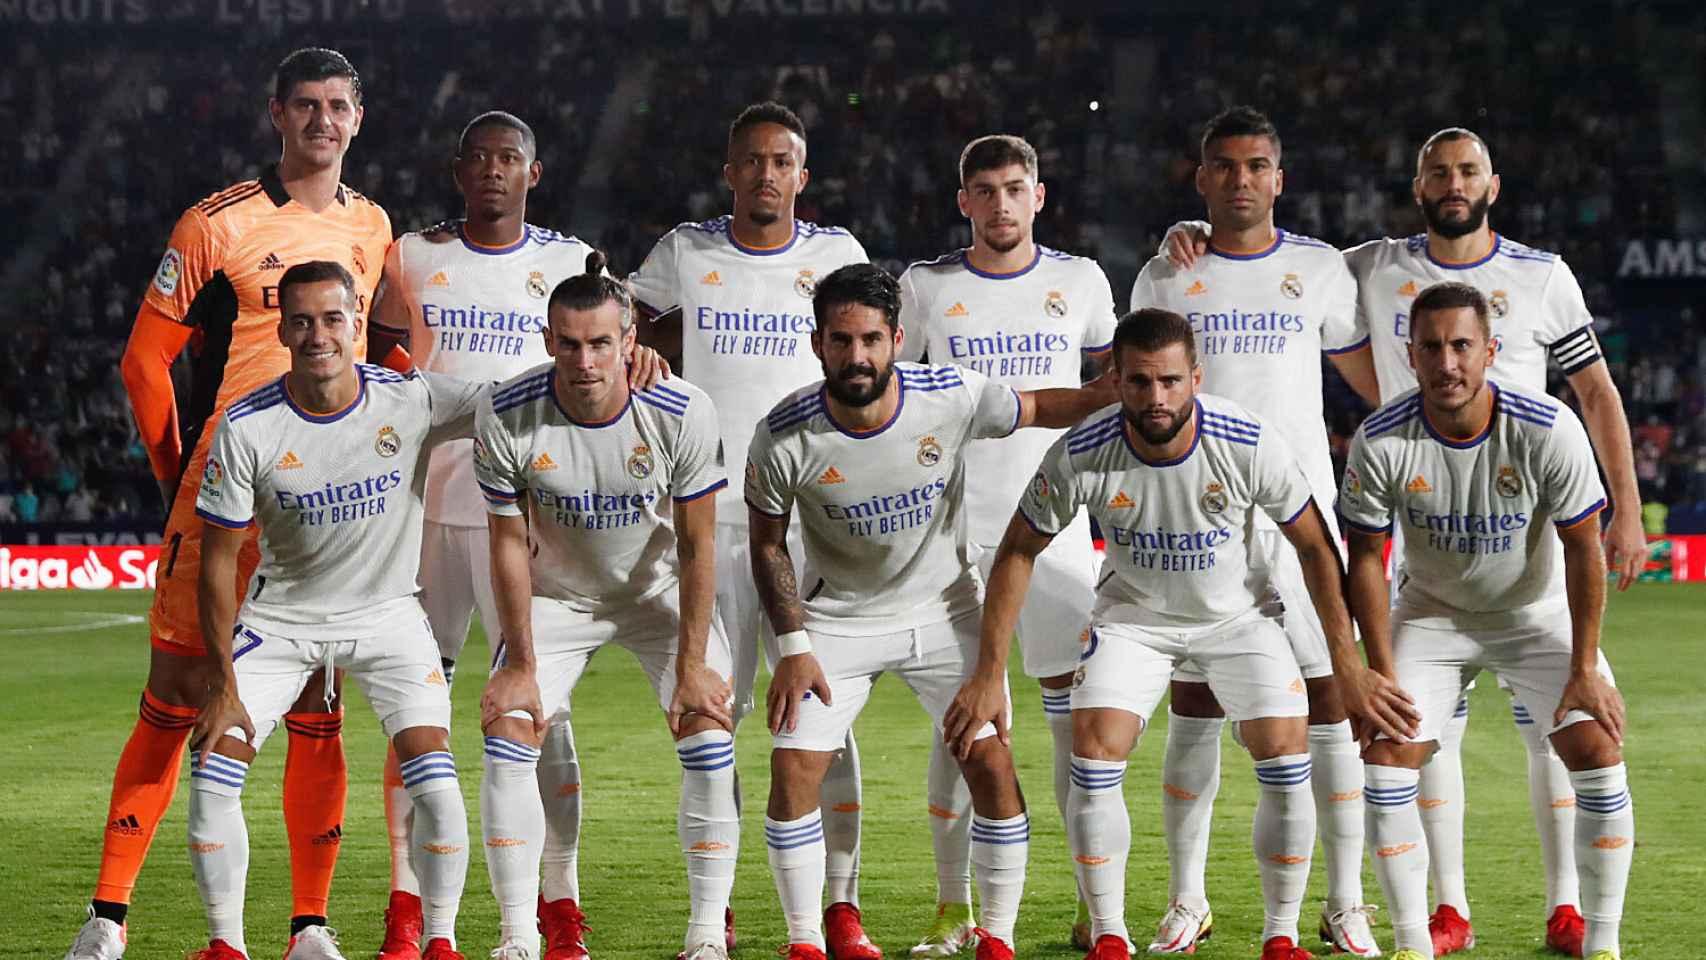 Alineación titular del Real Madrid frente al Levante en la jornada 2 de La Liga